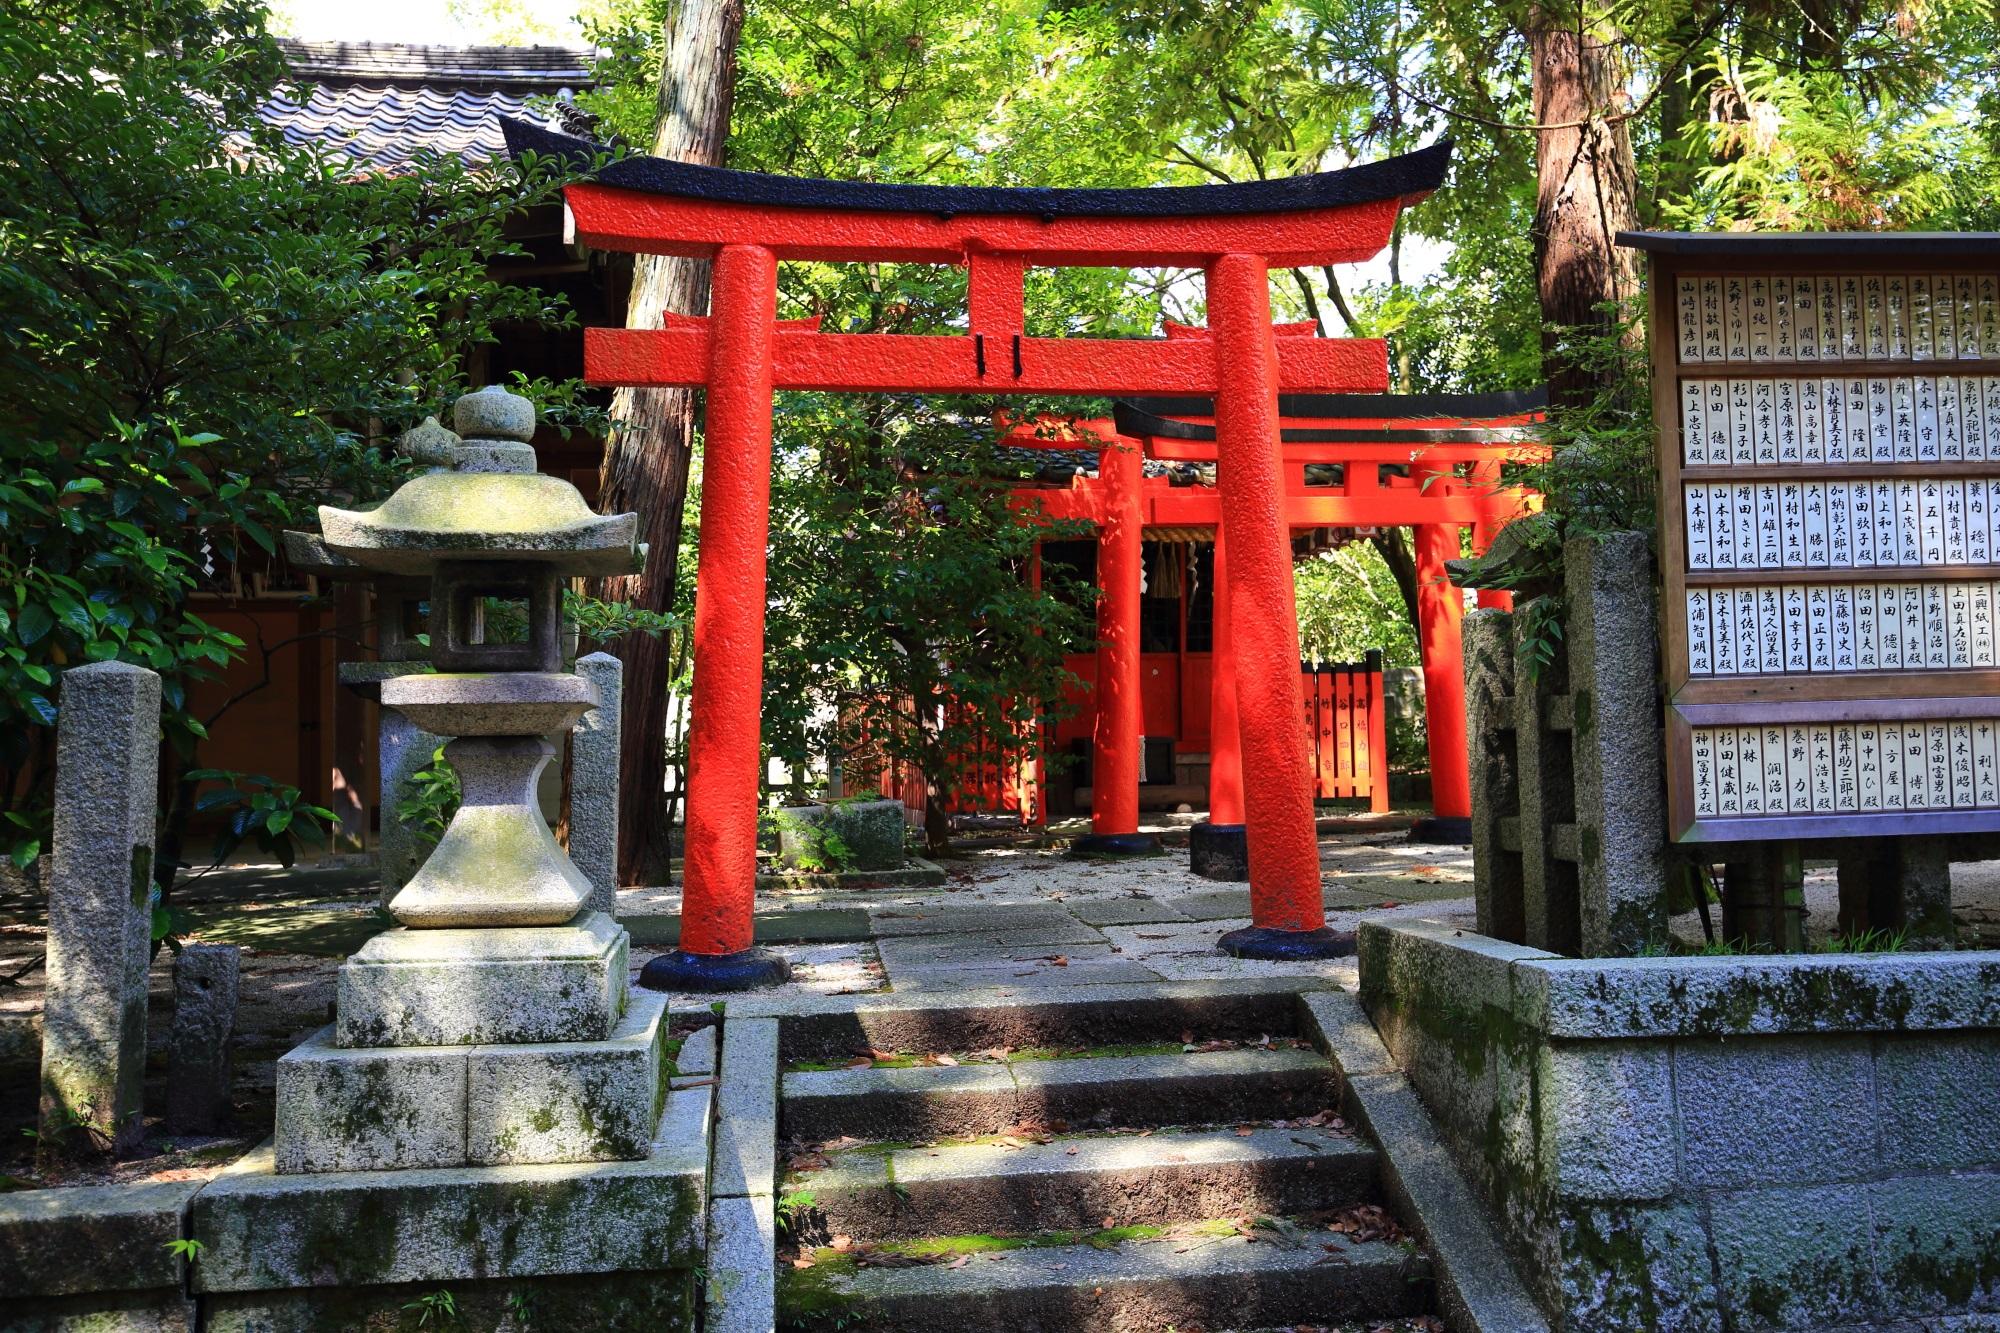 岡崎神社の摂末社の宮繁稲荷神社